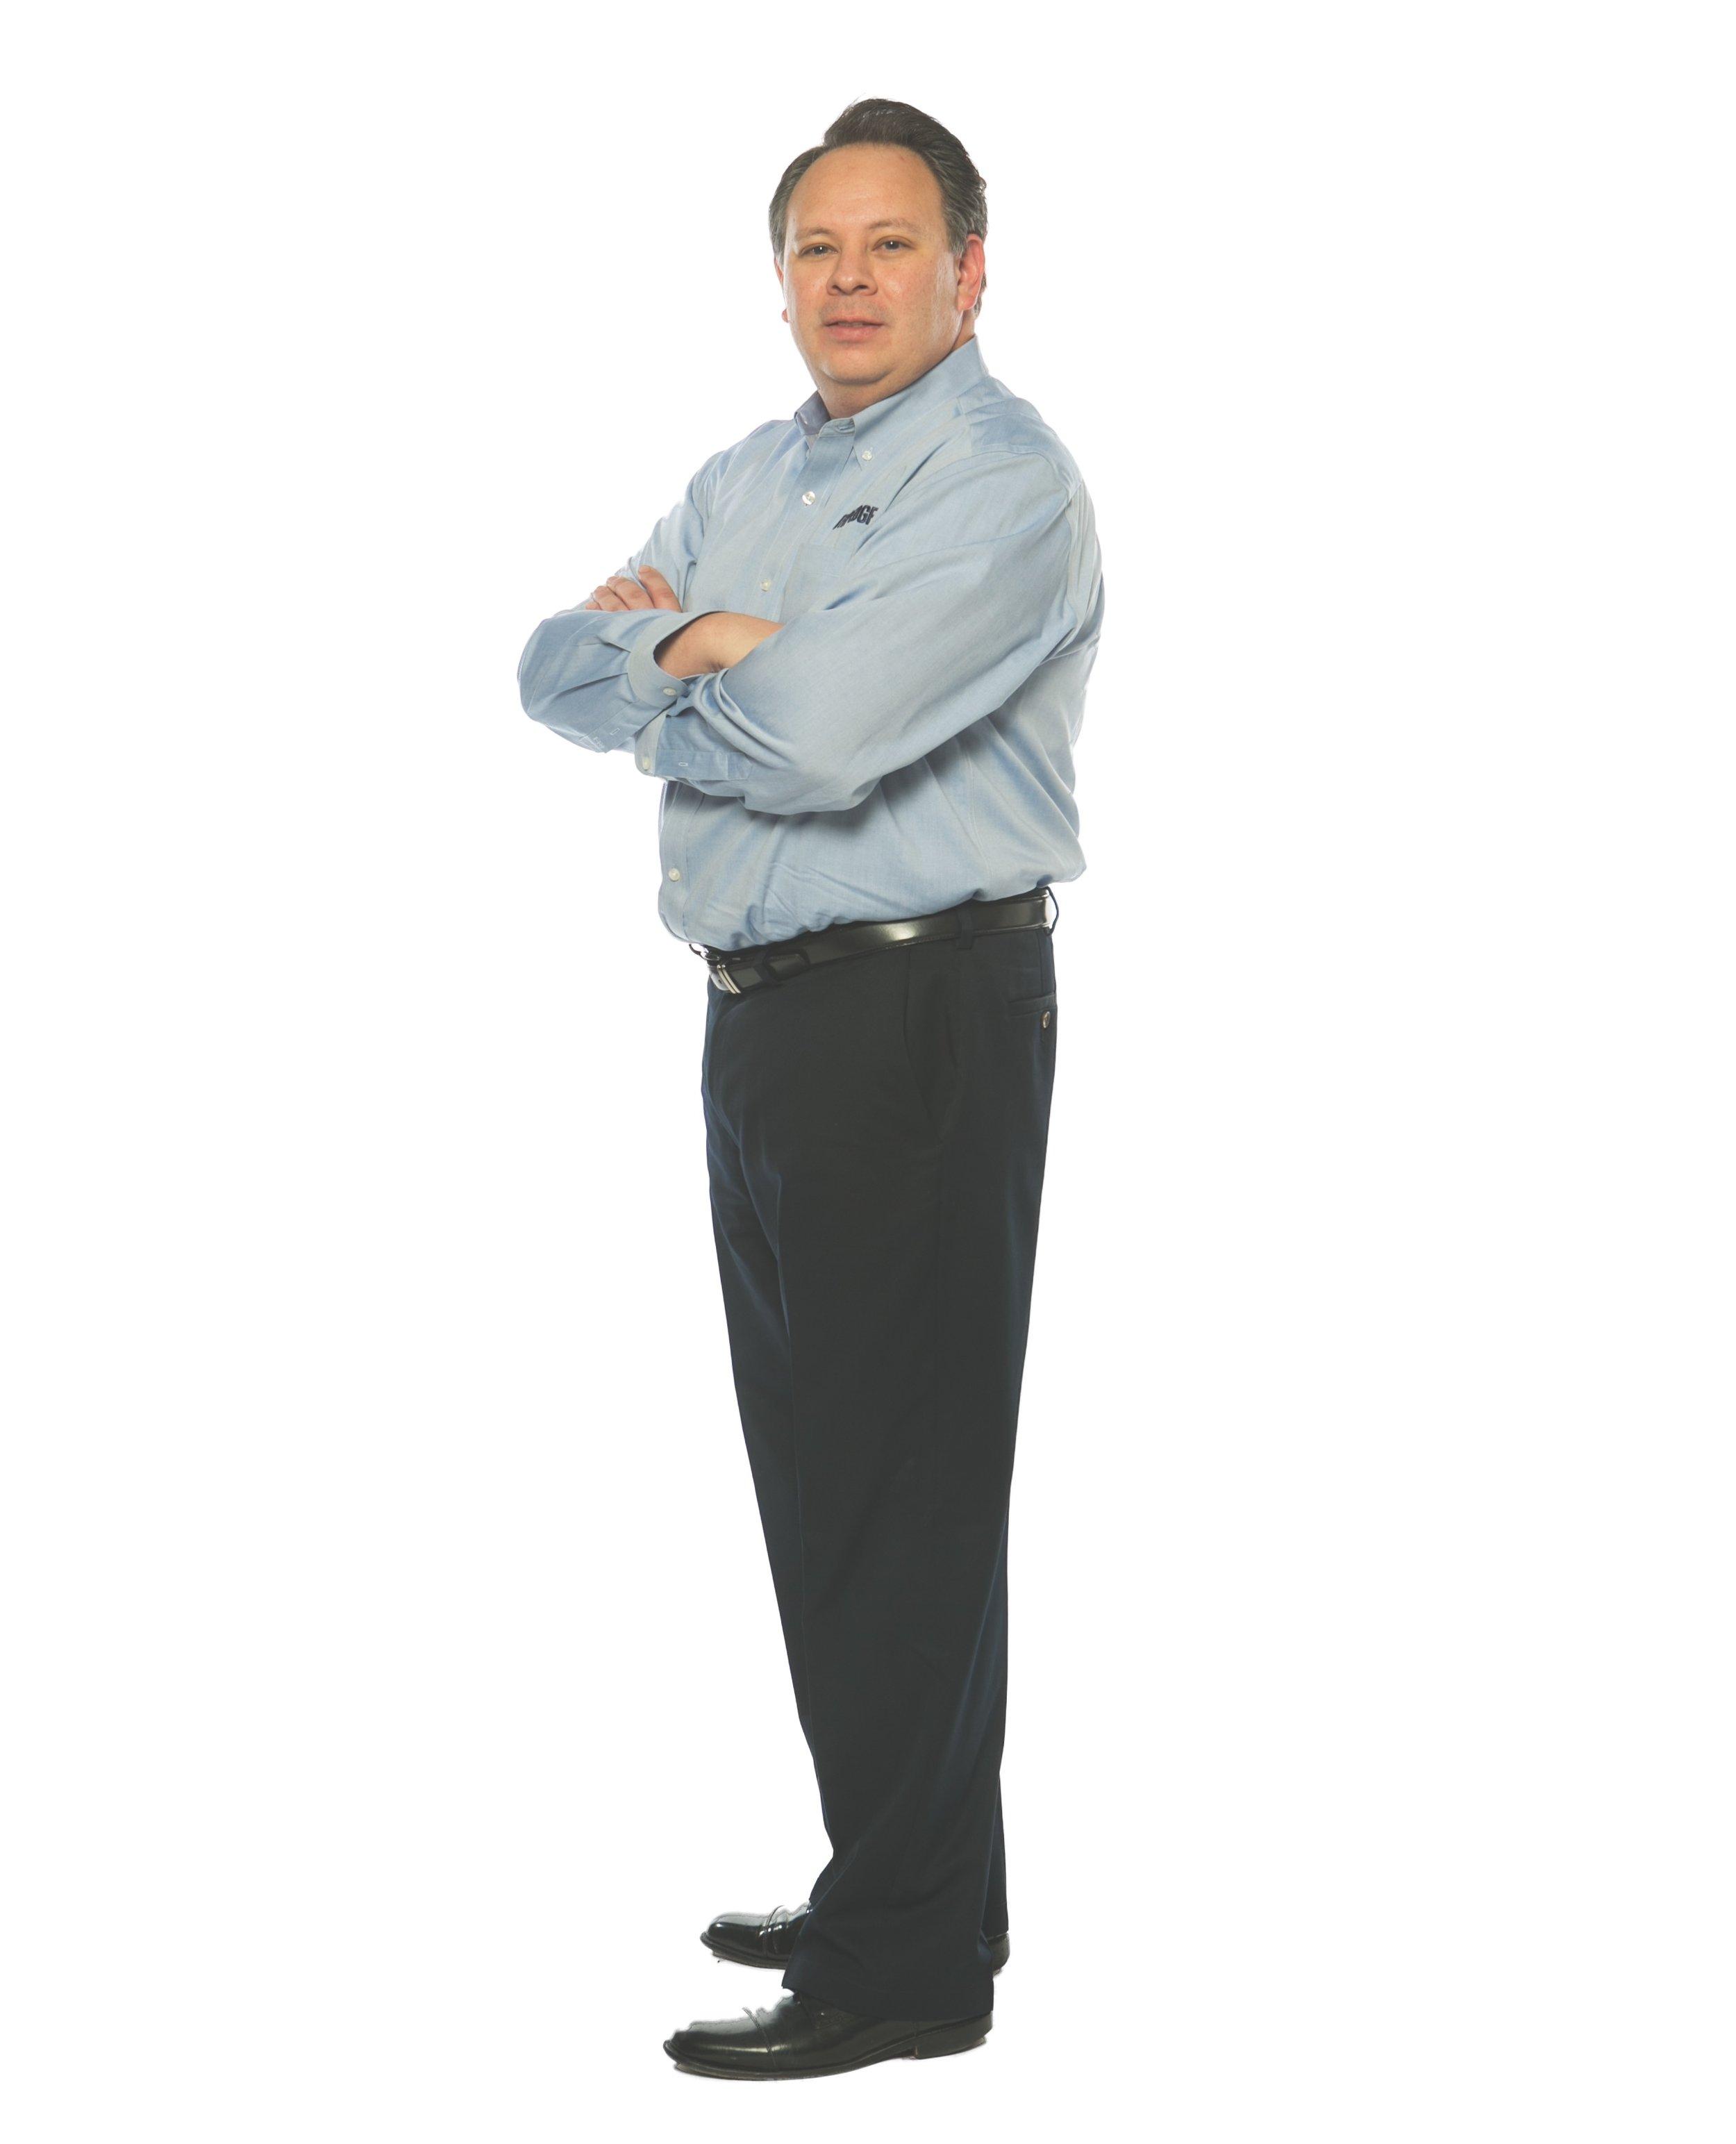 Louie Rodriguez, EDGE Steering Committee Member